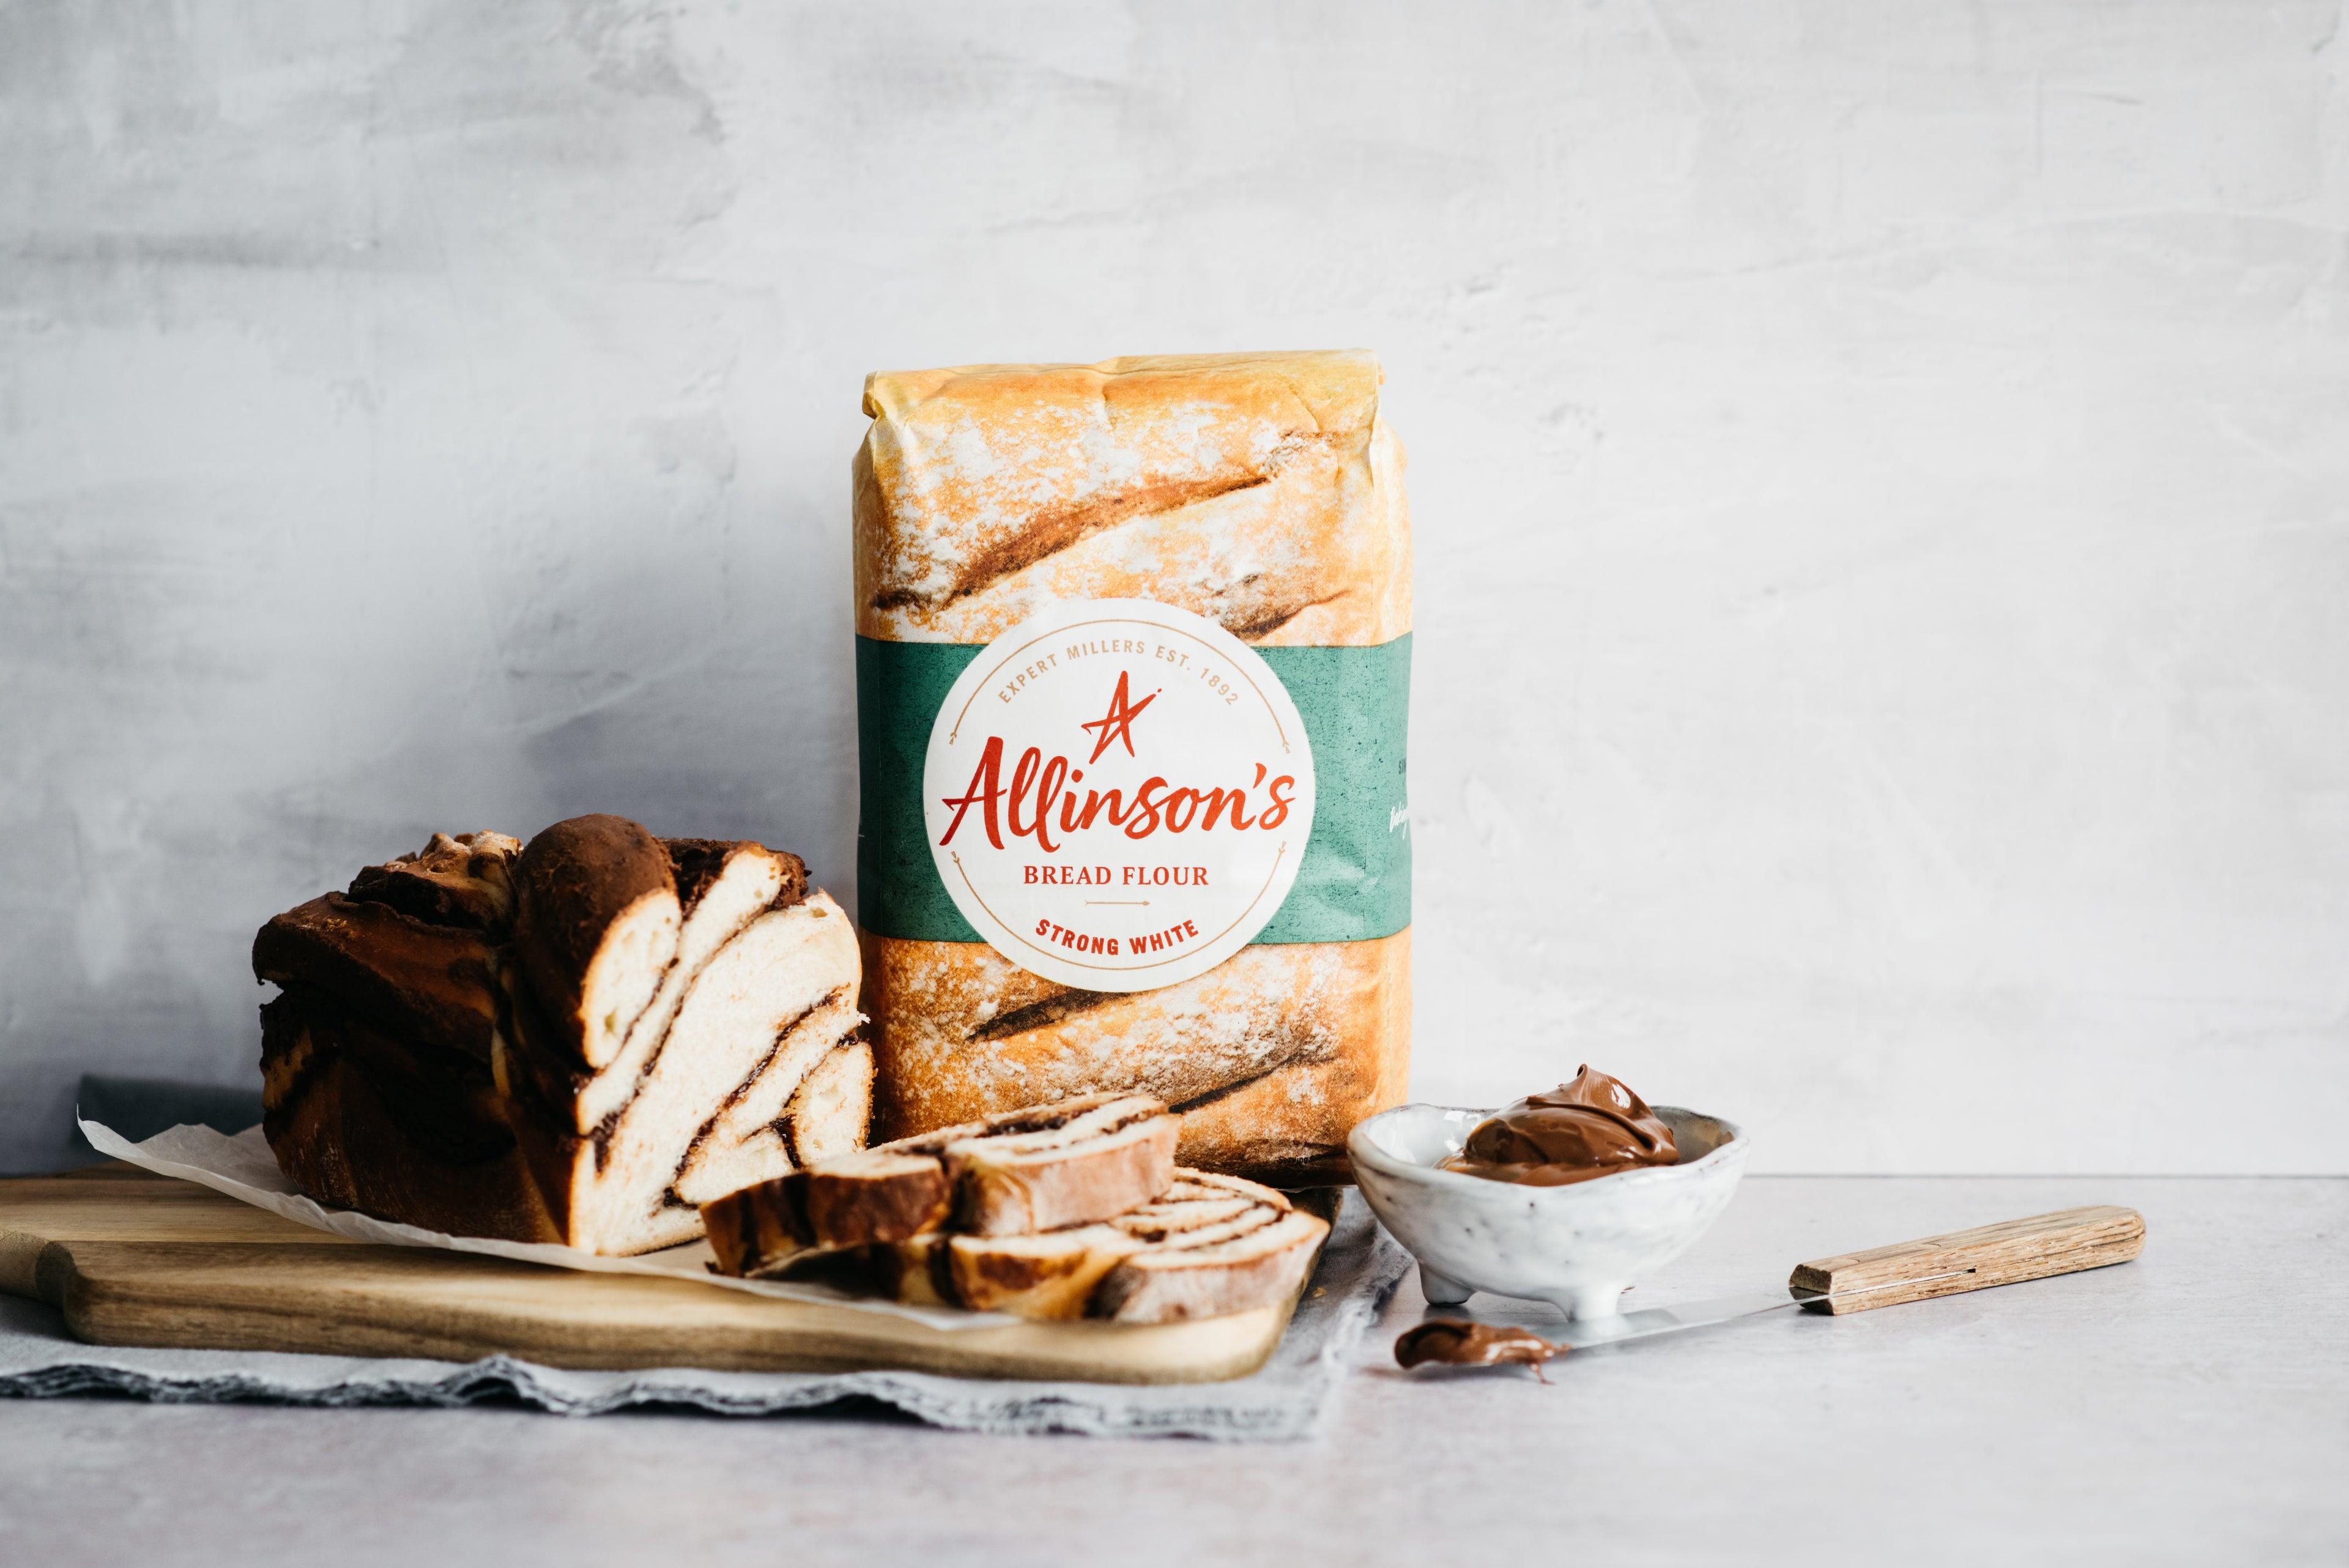 Sliced Chocolate Babka with Allinson's flour and a bowl of chocolate spread